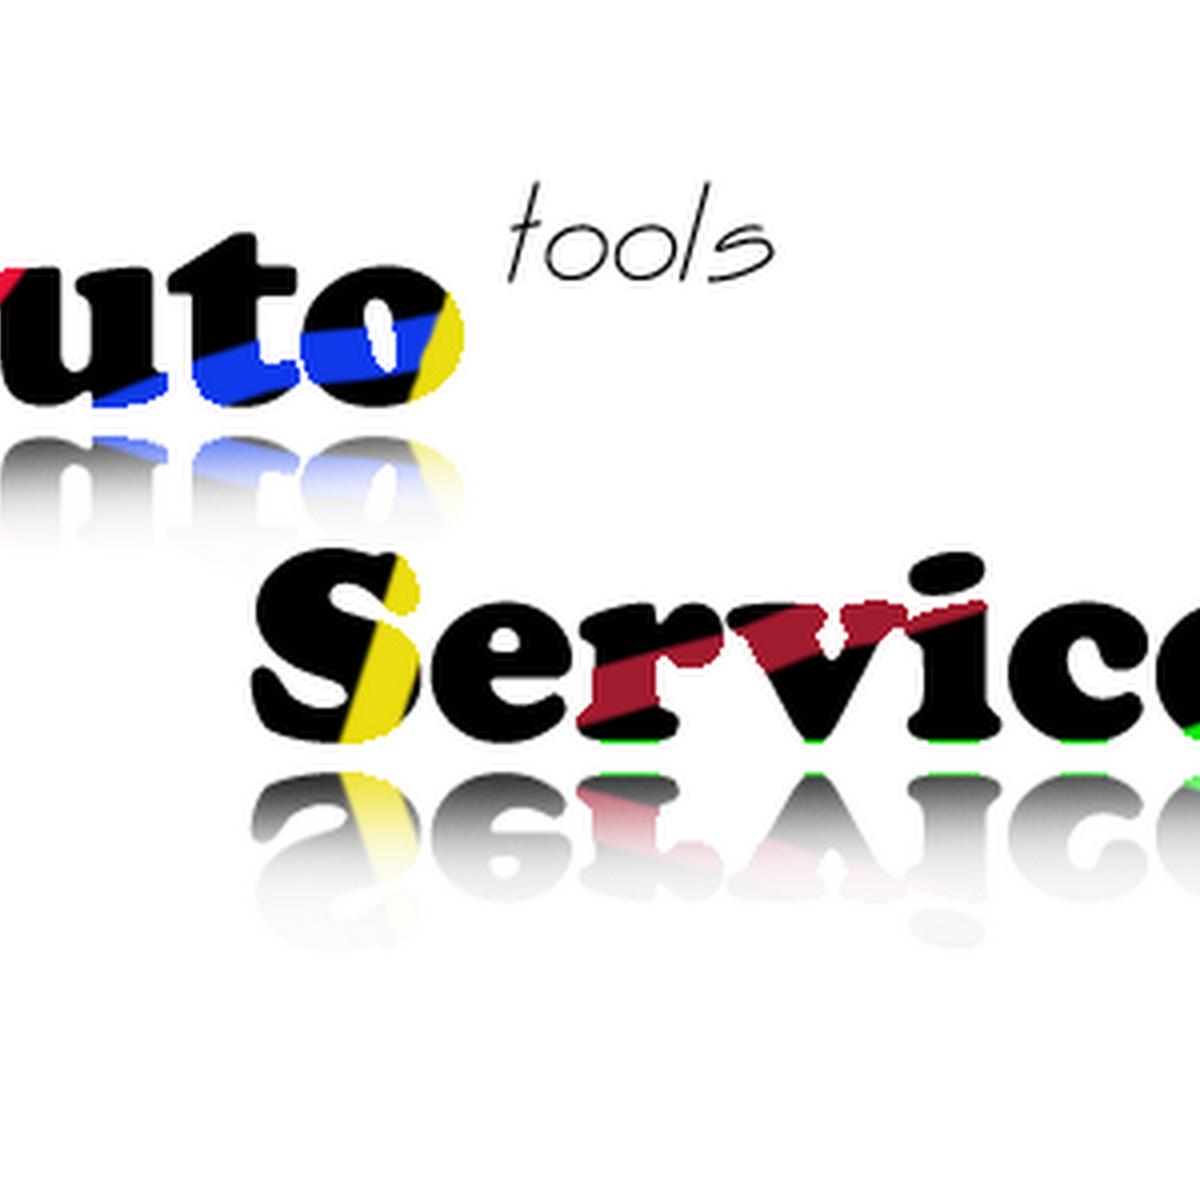 Dich vụ code phần mềm auto (tự động) theo yêu cầu!